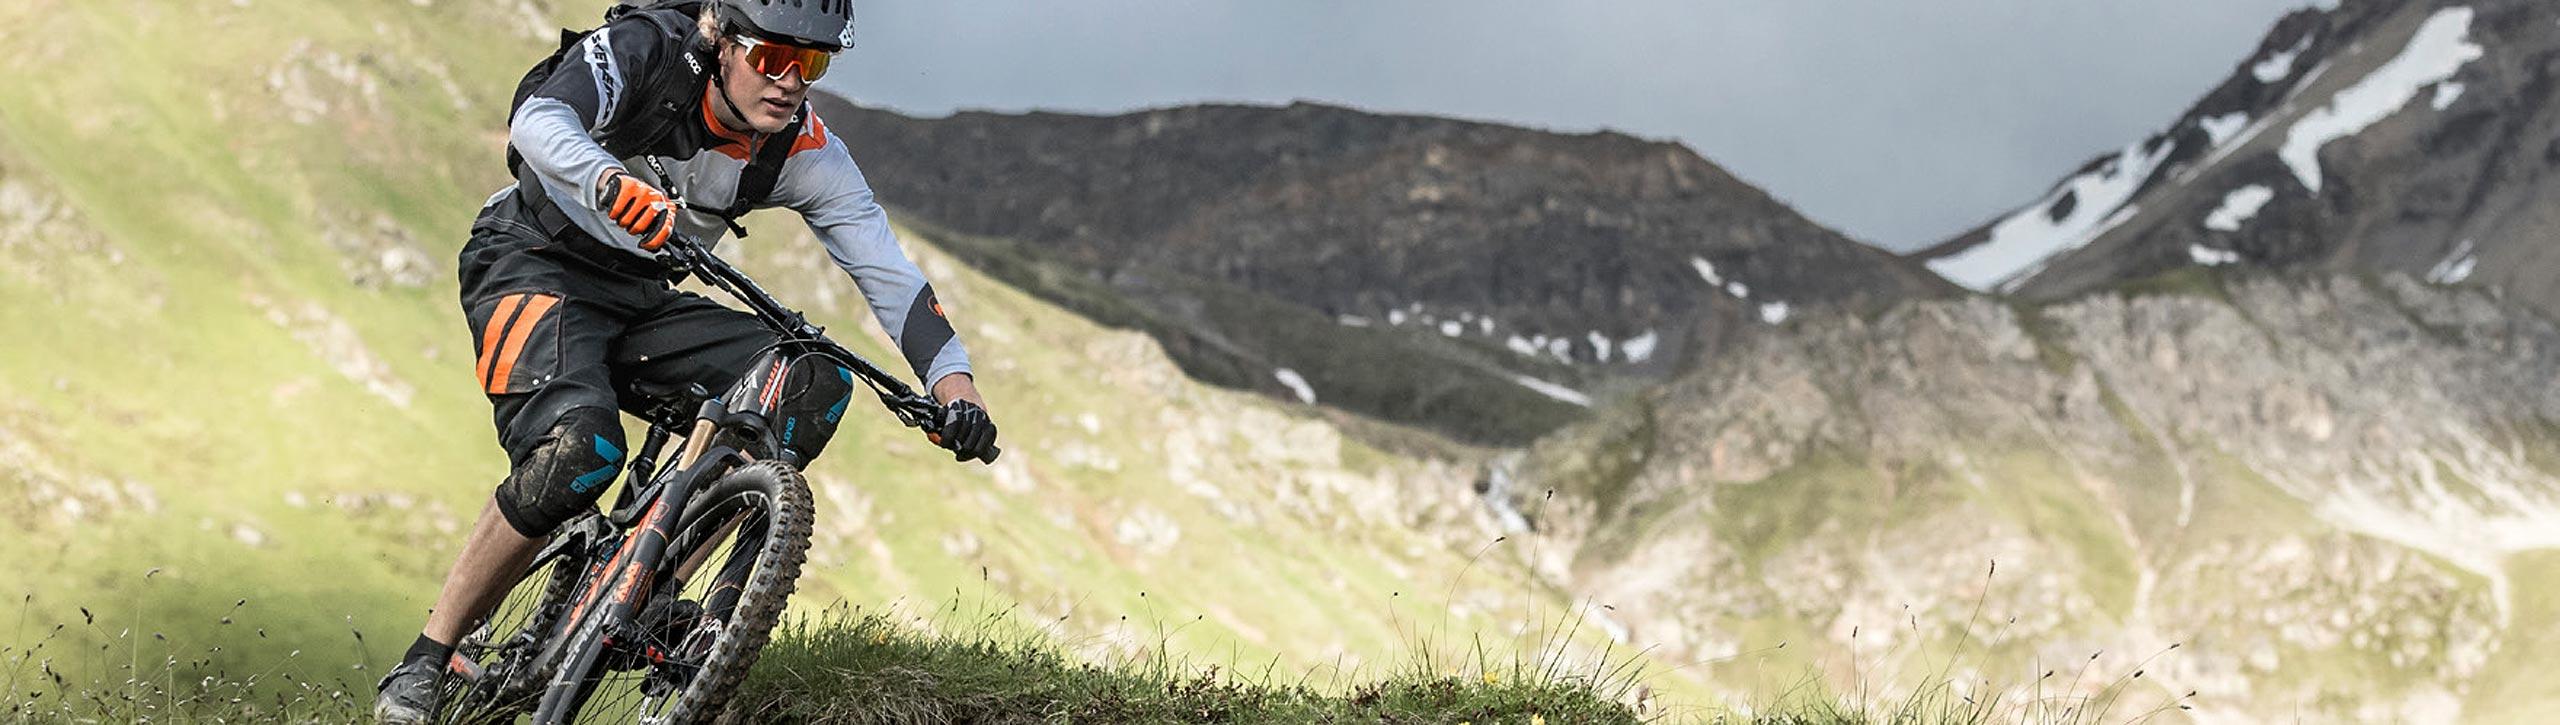 s'Radhaus – Rennrad kaufen in Lechaschau bei Reutte